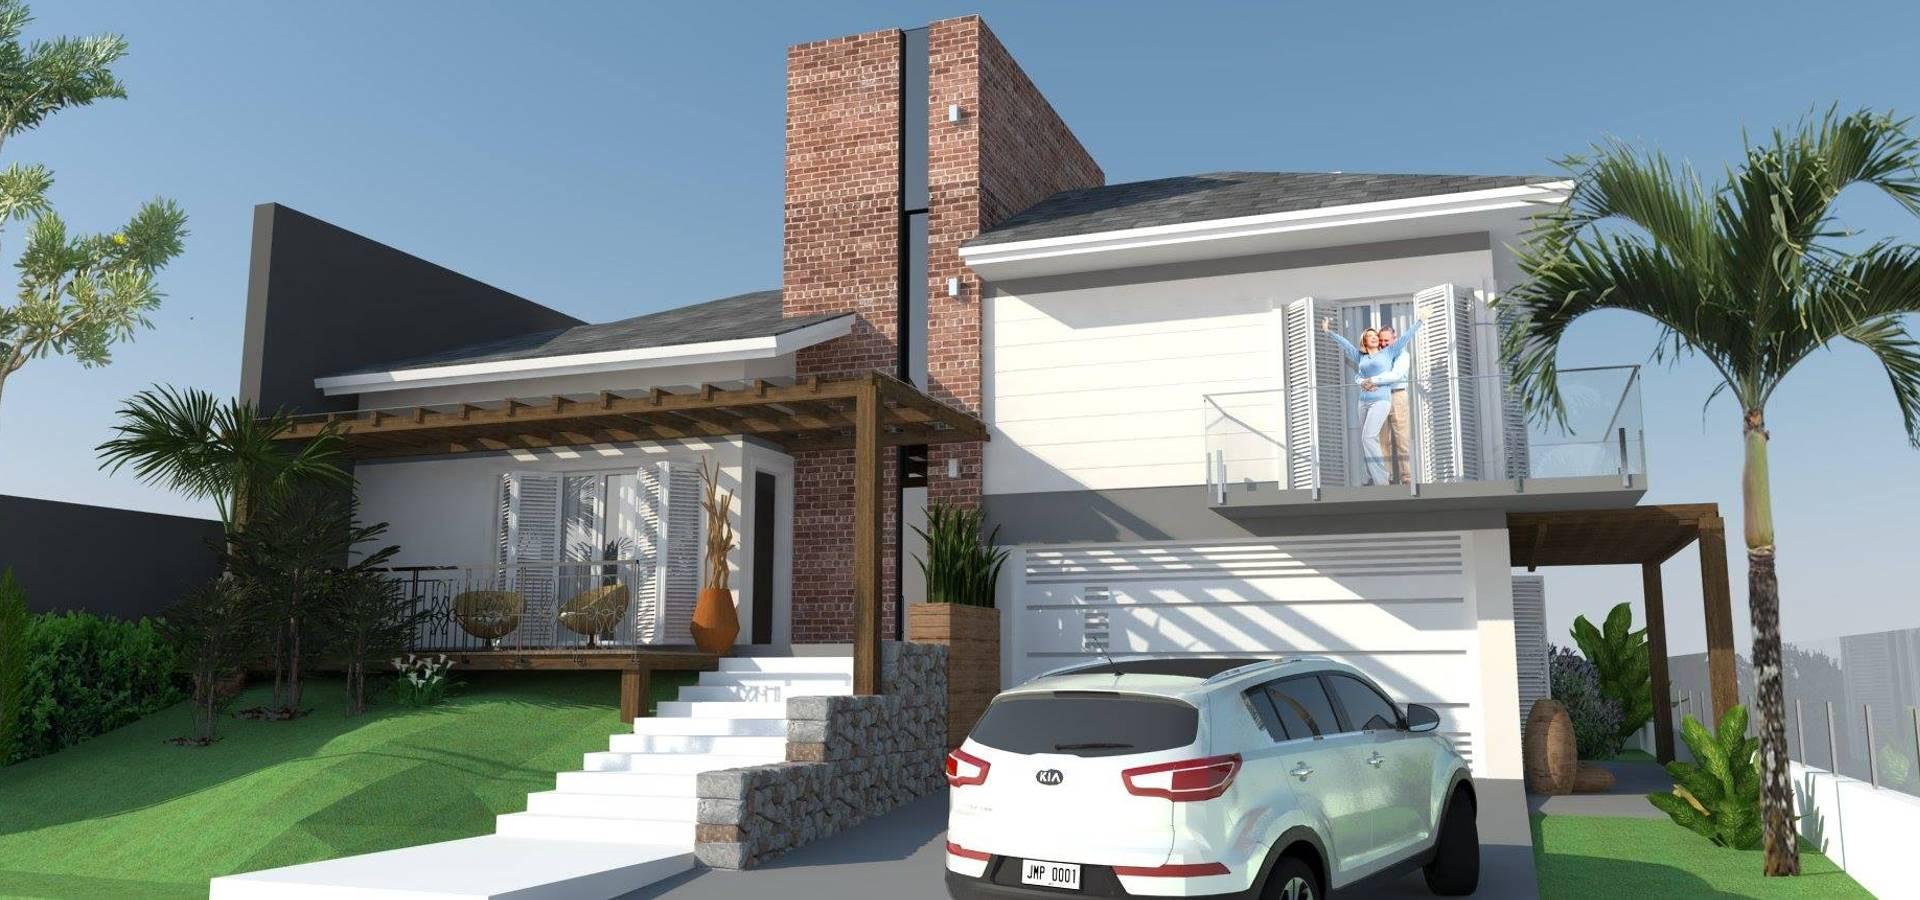 Studio Rossi Arquitetura